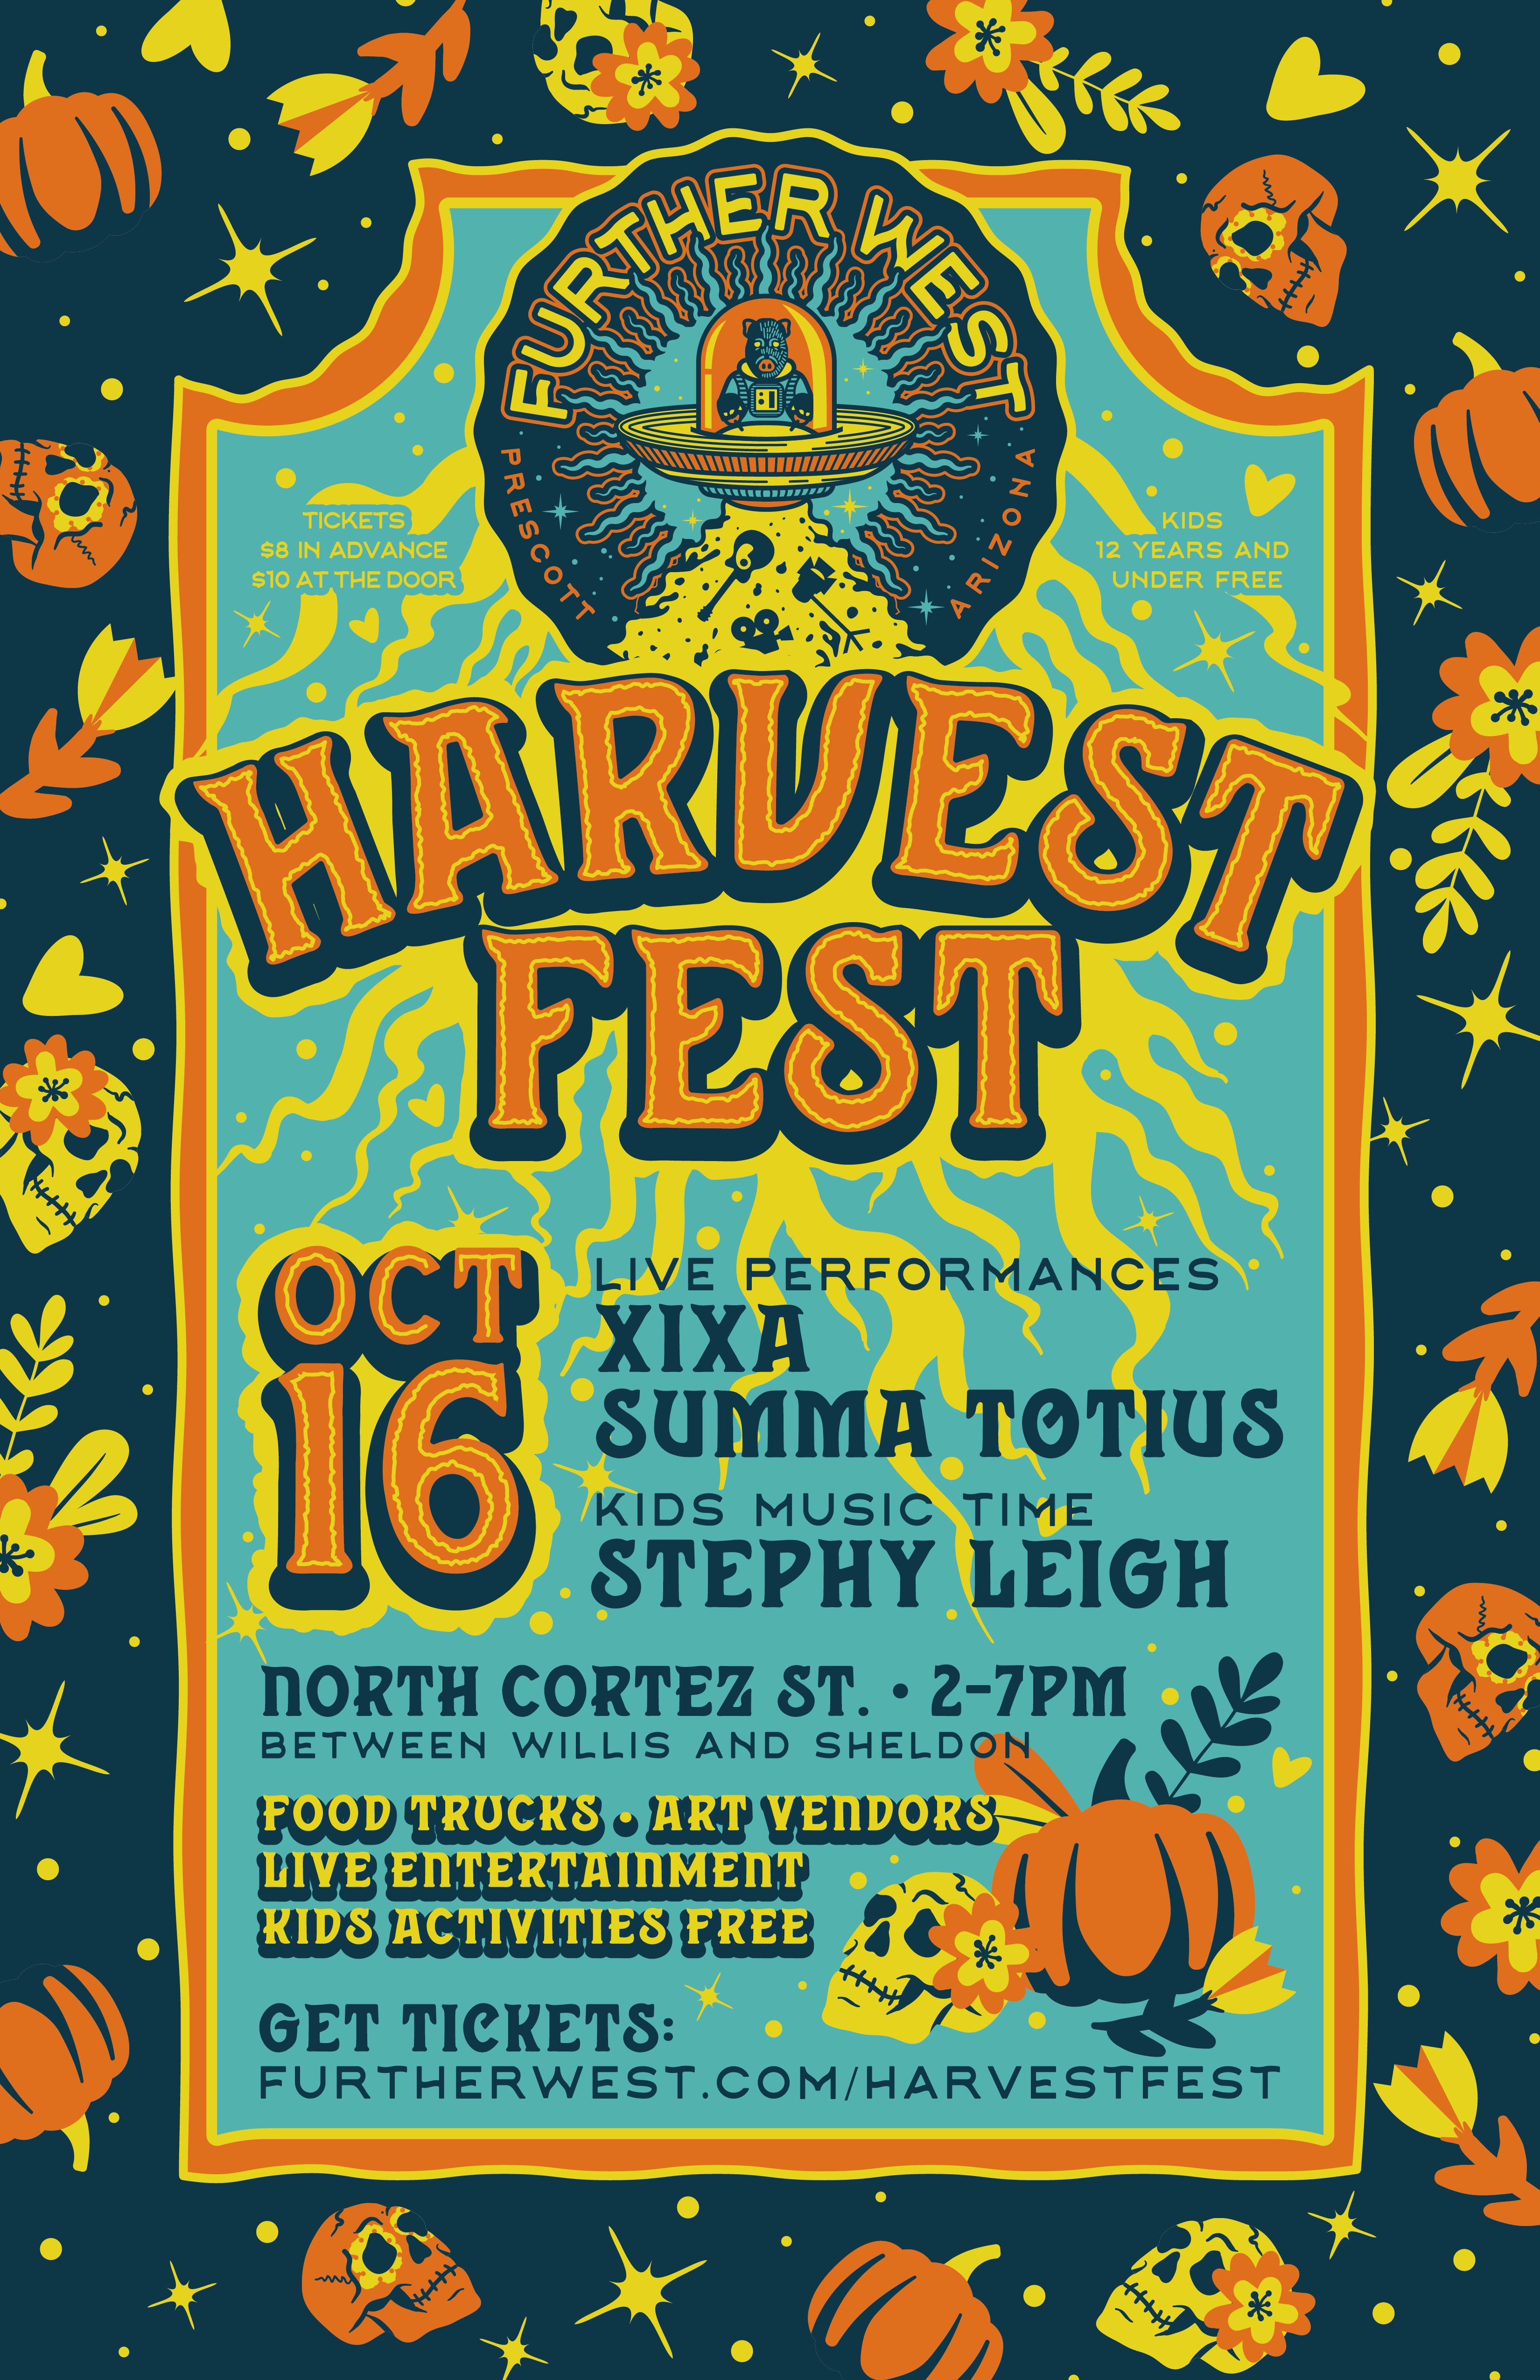 Further West Harvest Fest